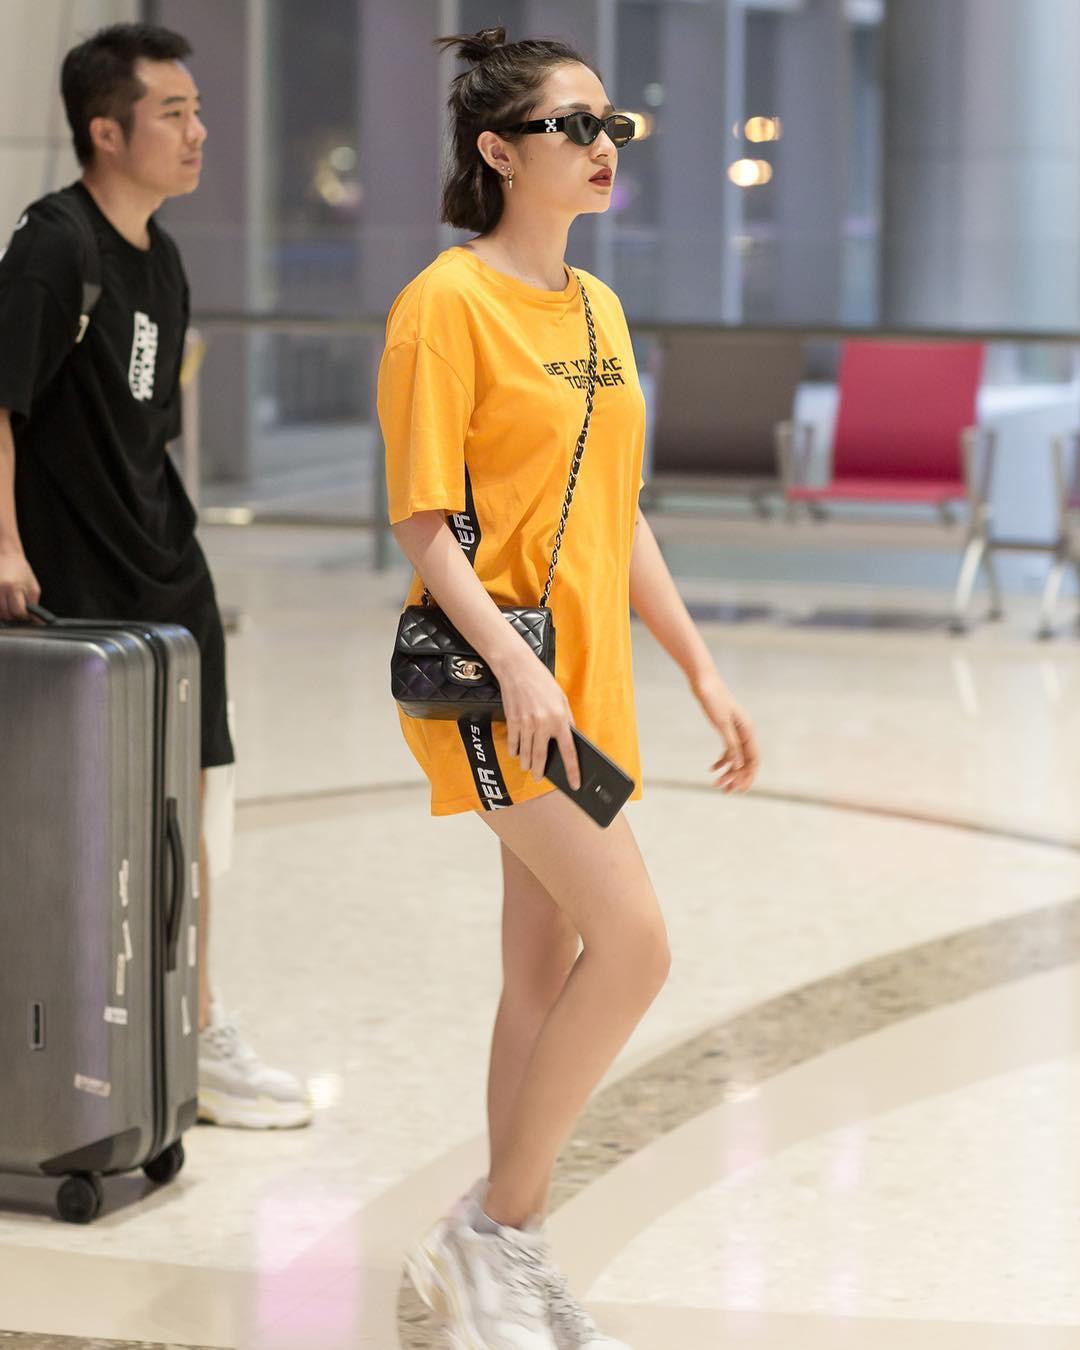 Học theo Kate và Meghan, các người đẹp Việt cũng đang diện váy áo vàng tươi chói lòa - Ảnh 11.